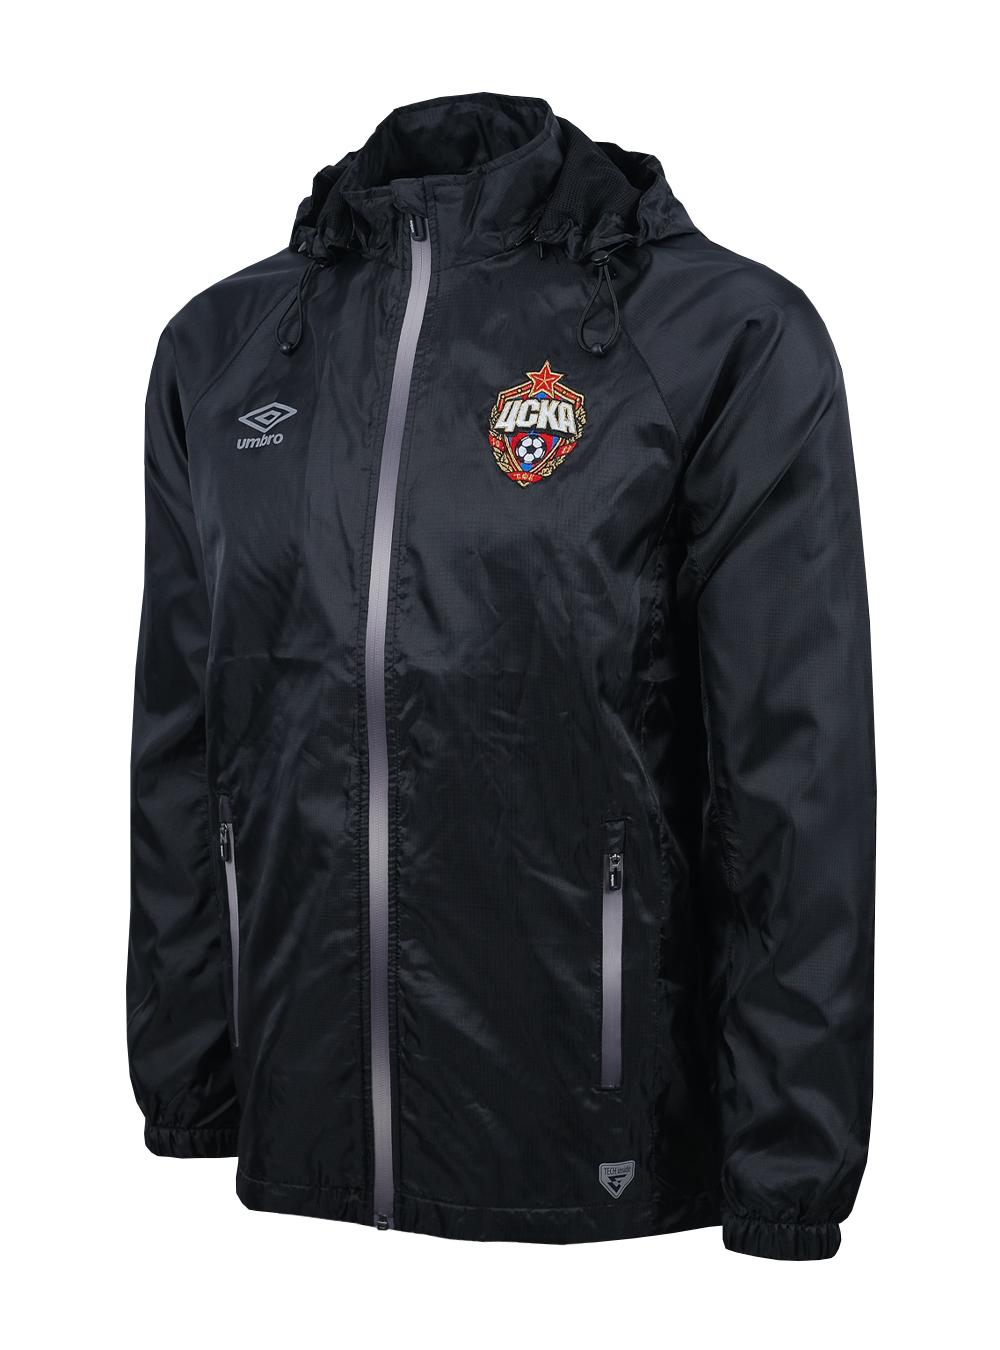 Костюм ветрозащитный (куртка), черный/серебро (M) фото